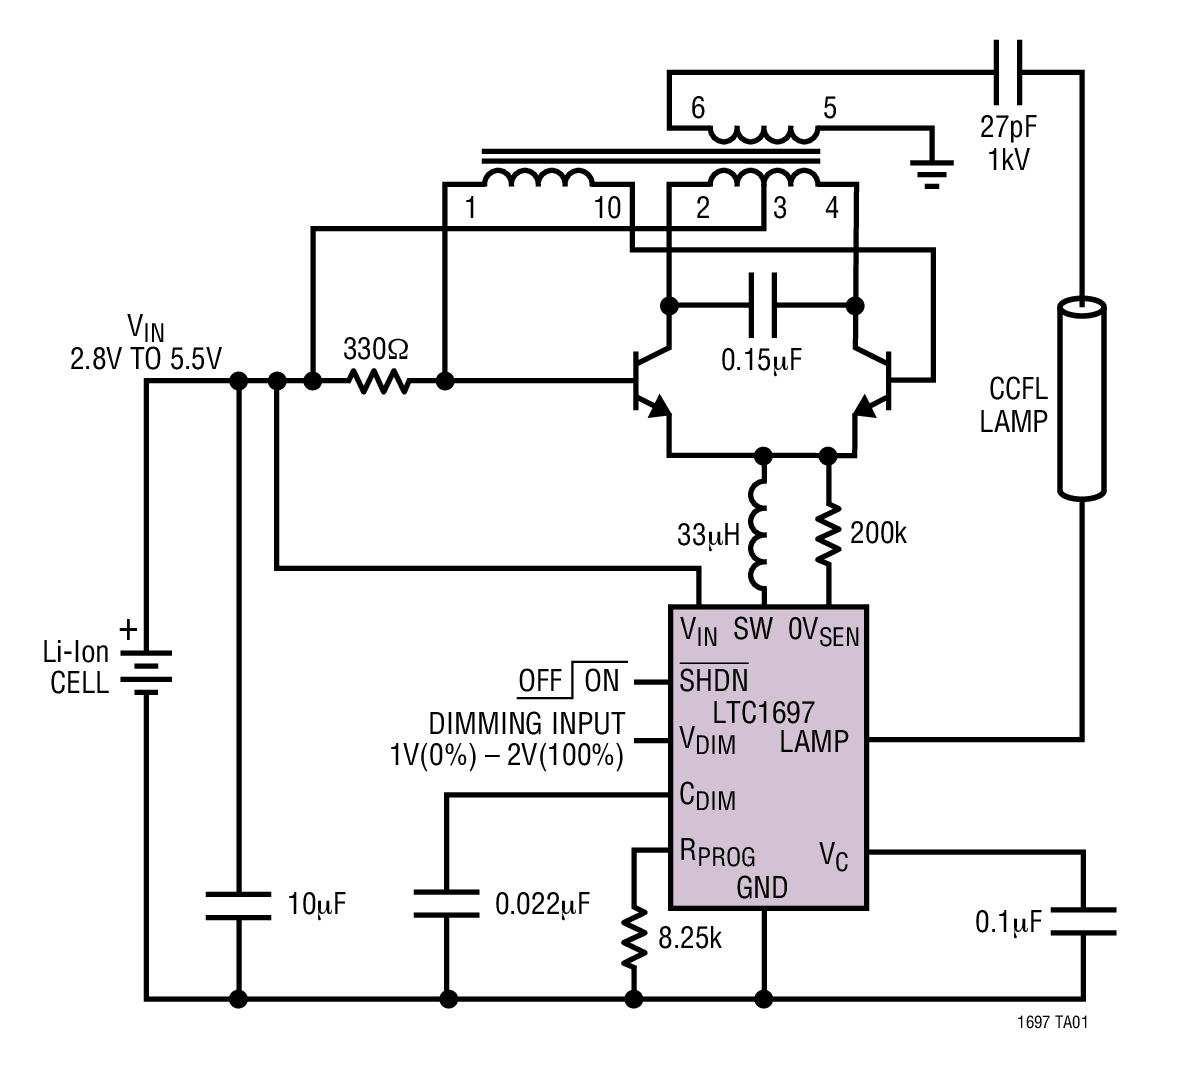 LTC1697 高效率、低功率 1W CCFL 開關穩壓器